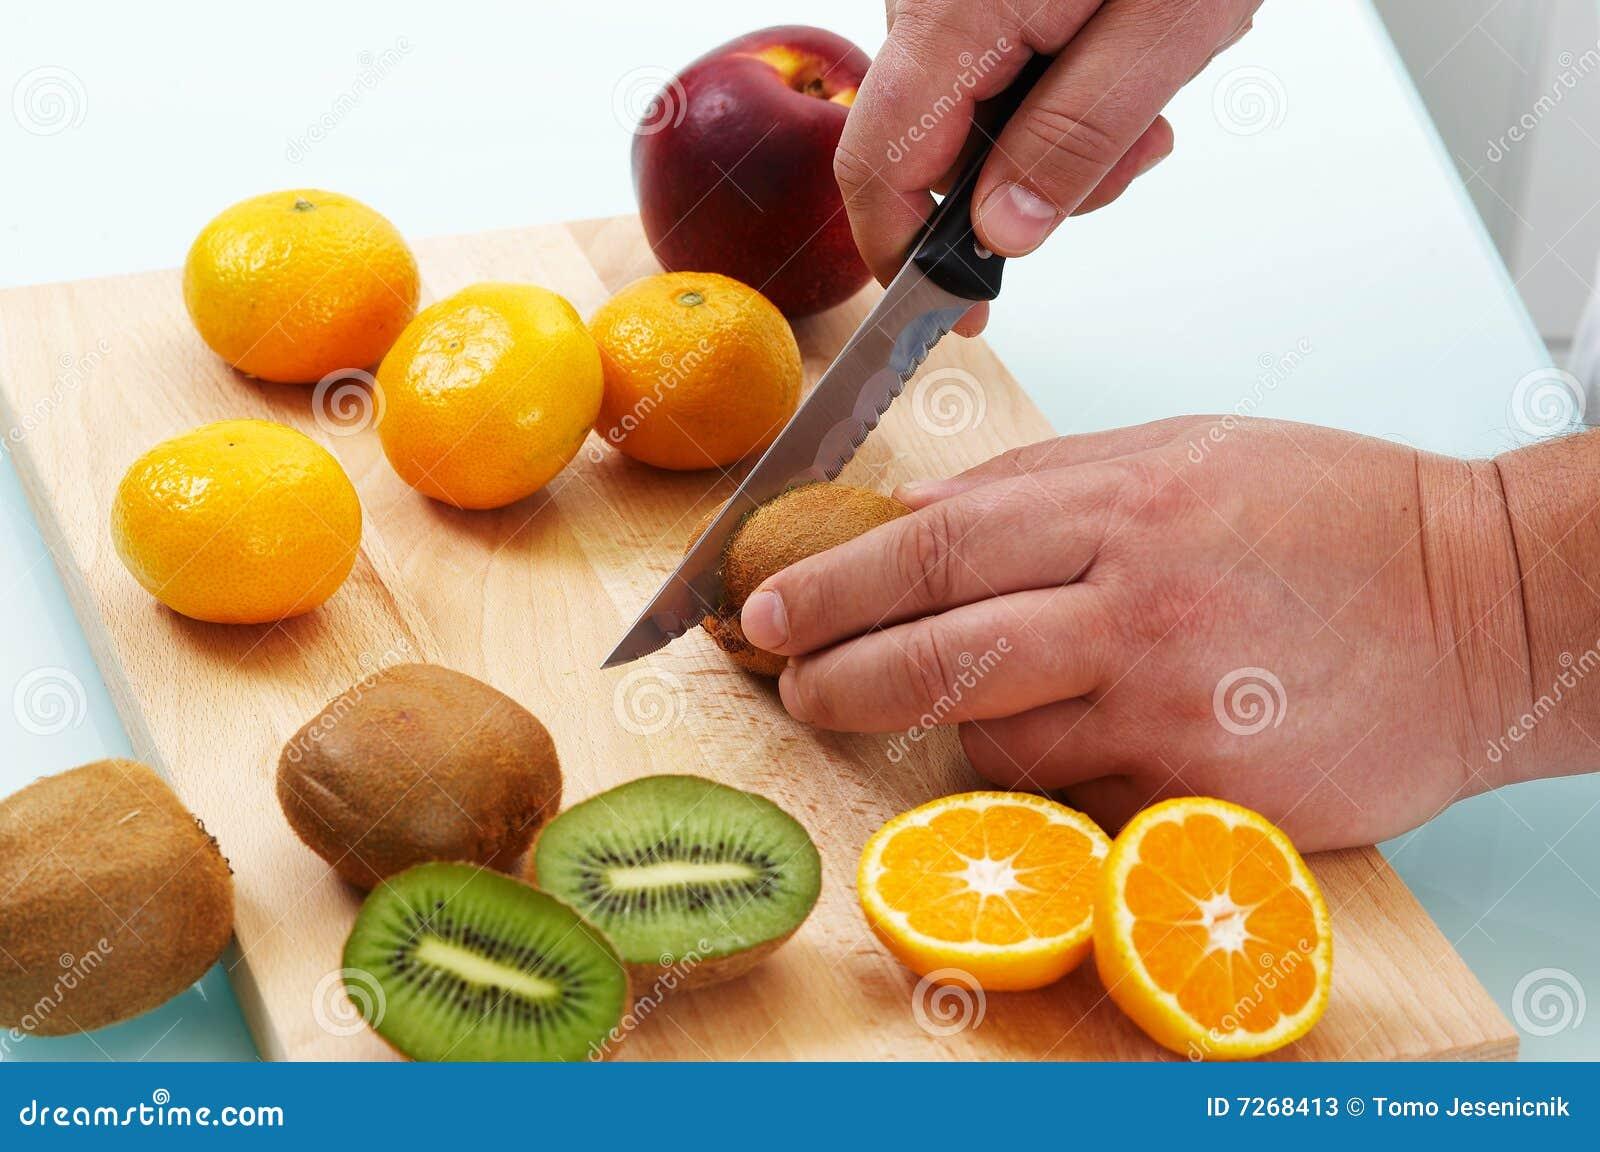 Couleur orange signifiant nourriture porno